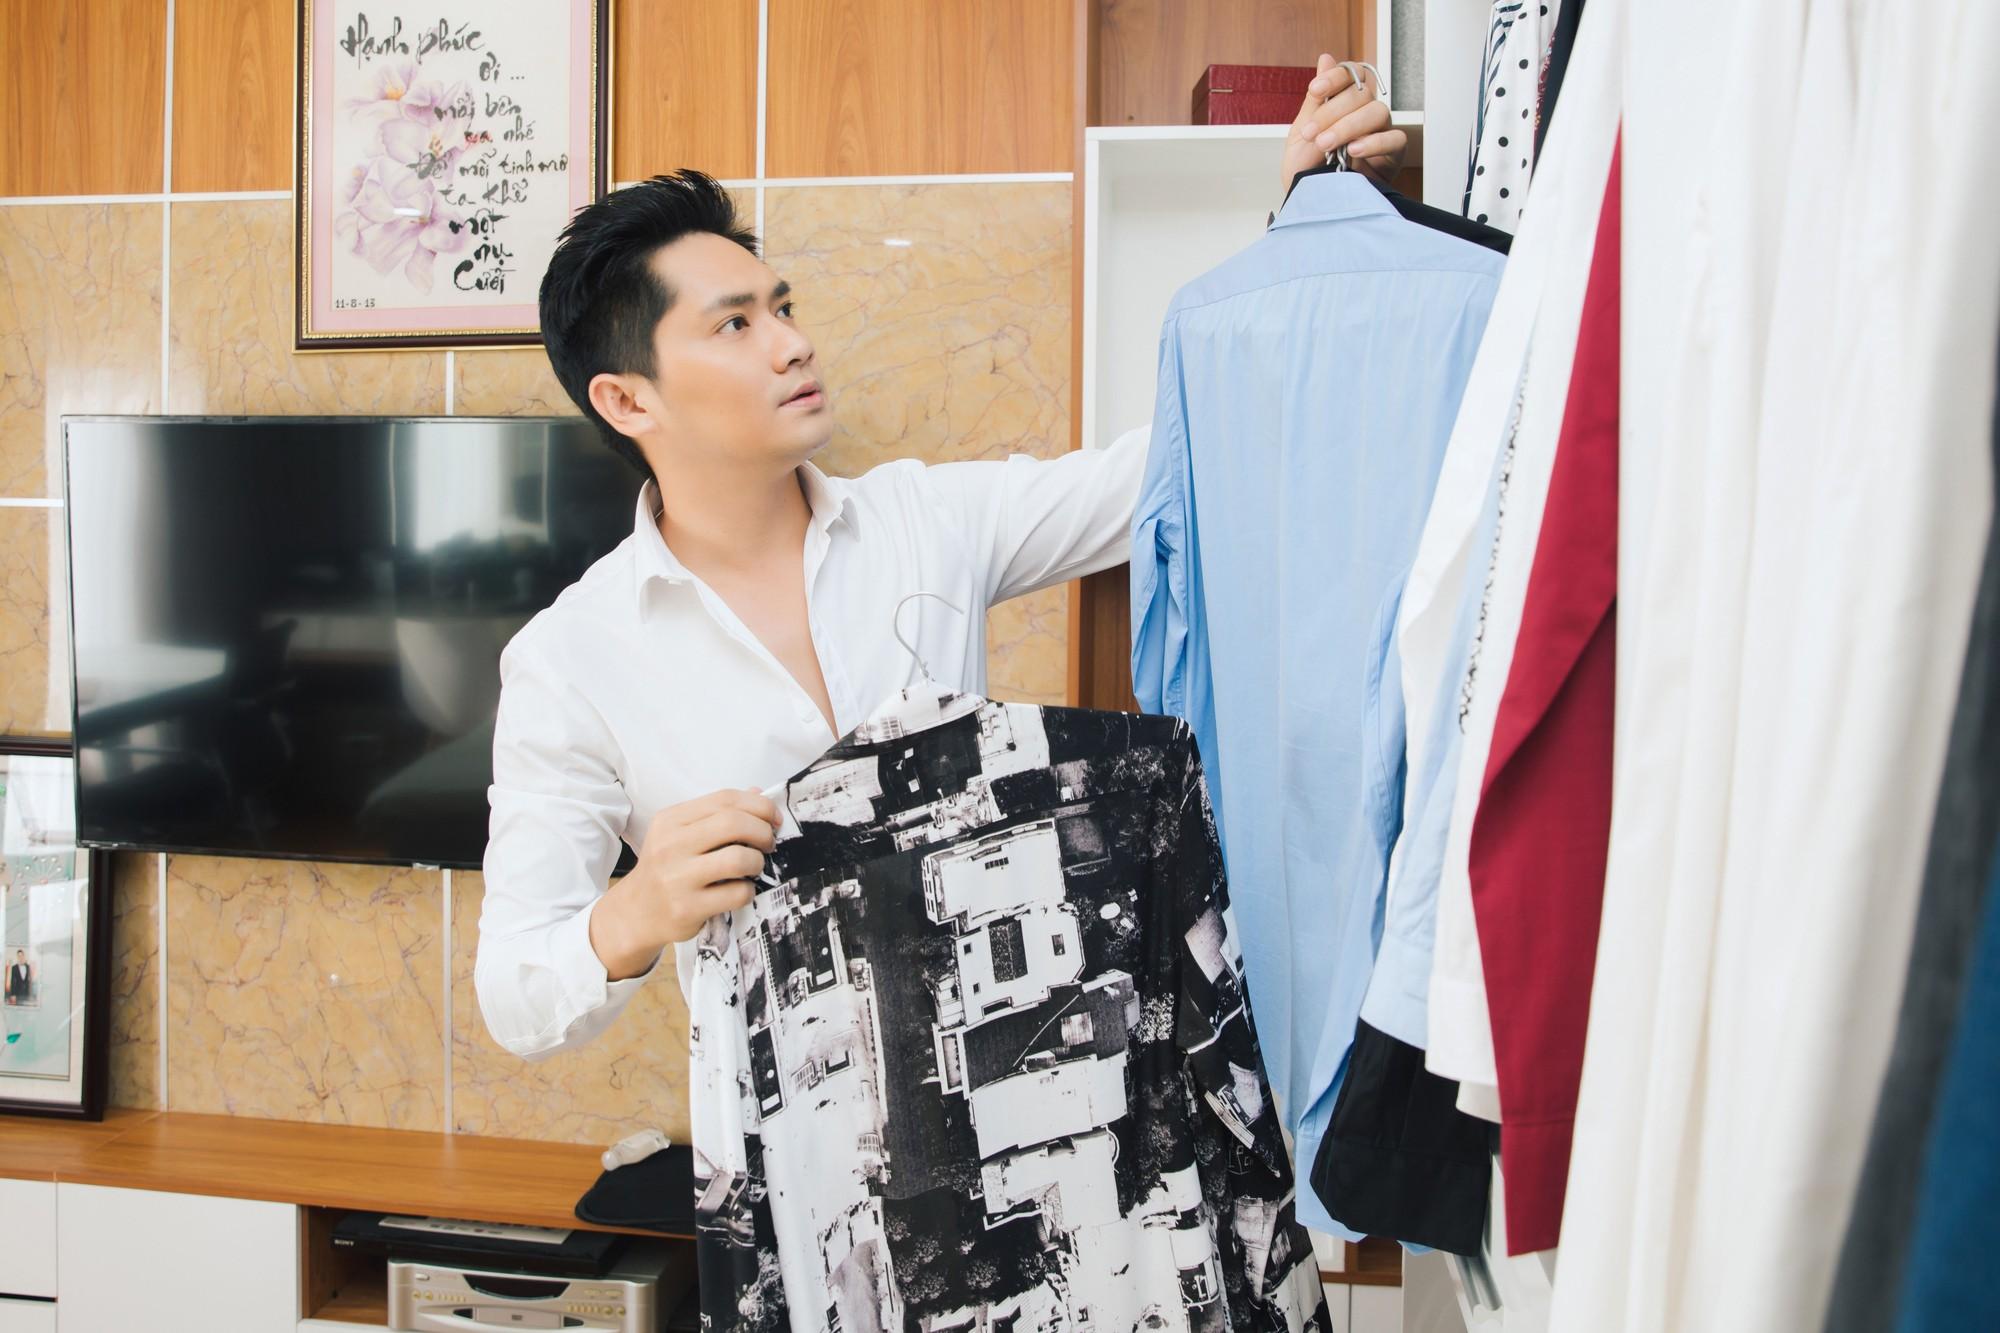 Diễn viên Minh Luân tự hào khoe căn hộ rộng 100 m2 sau 10 năm lập nghiệp ở TP HCM  - Ảnh 13.